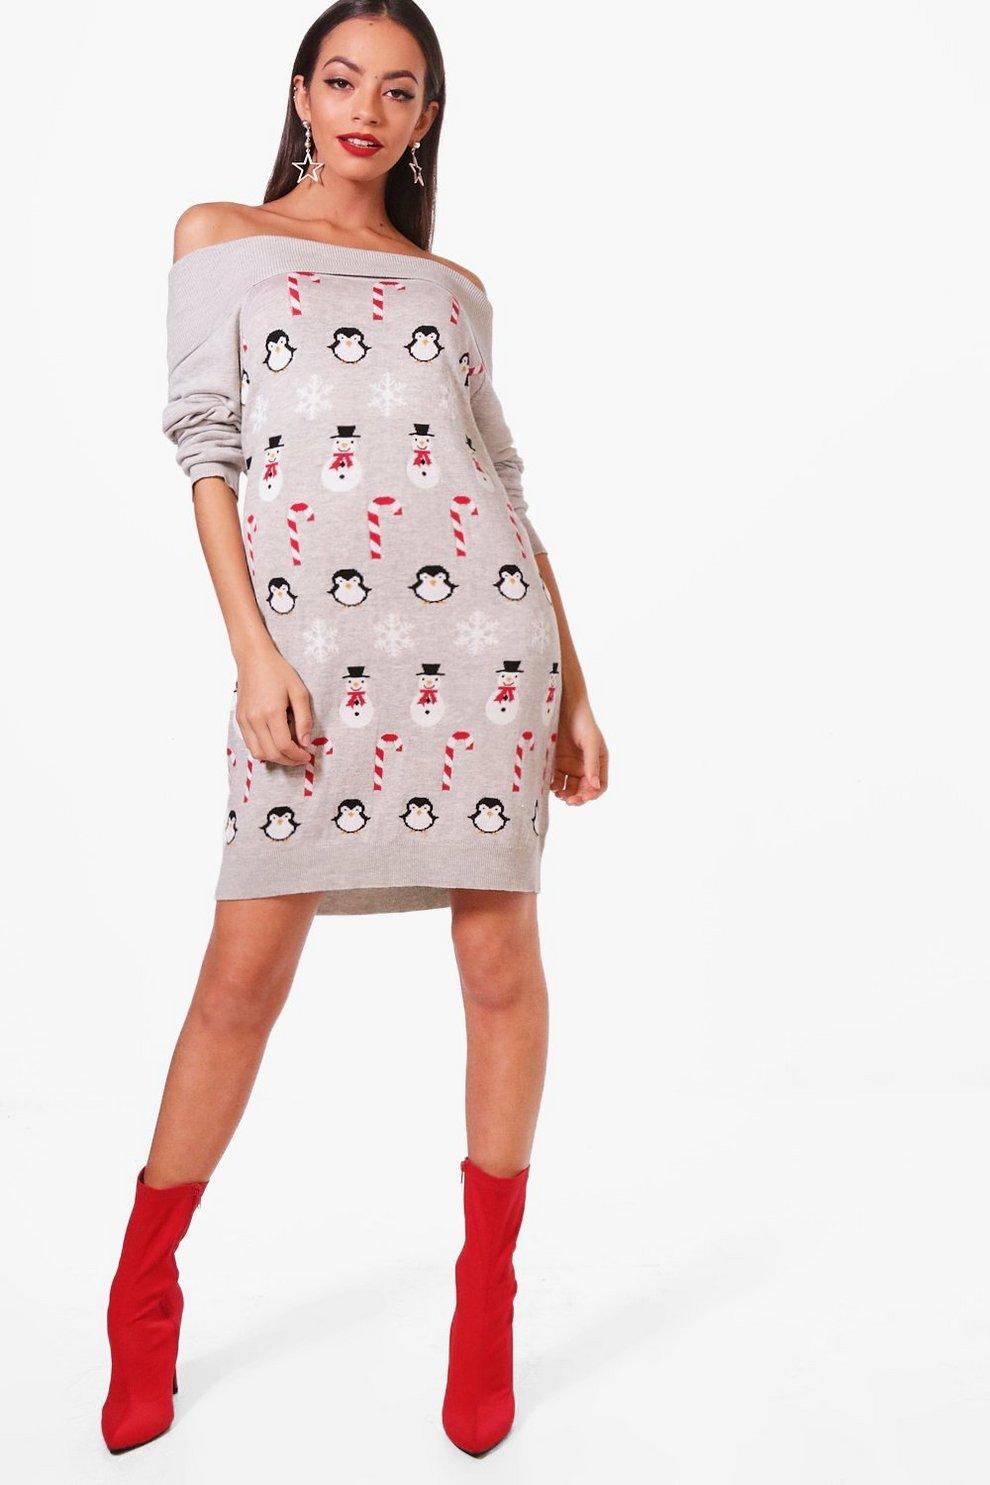 2e6baa98132 Bardot Christmas Jumper Dress